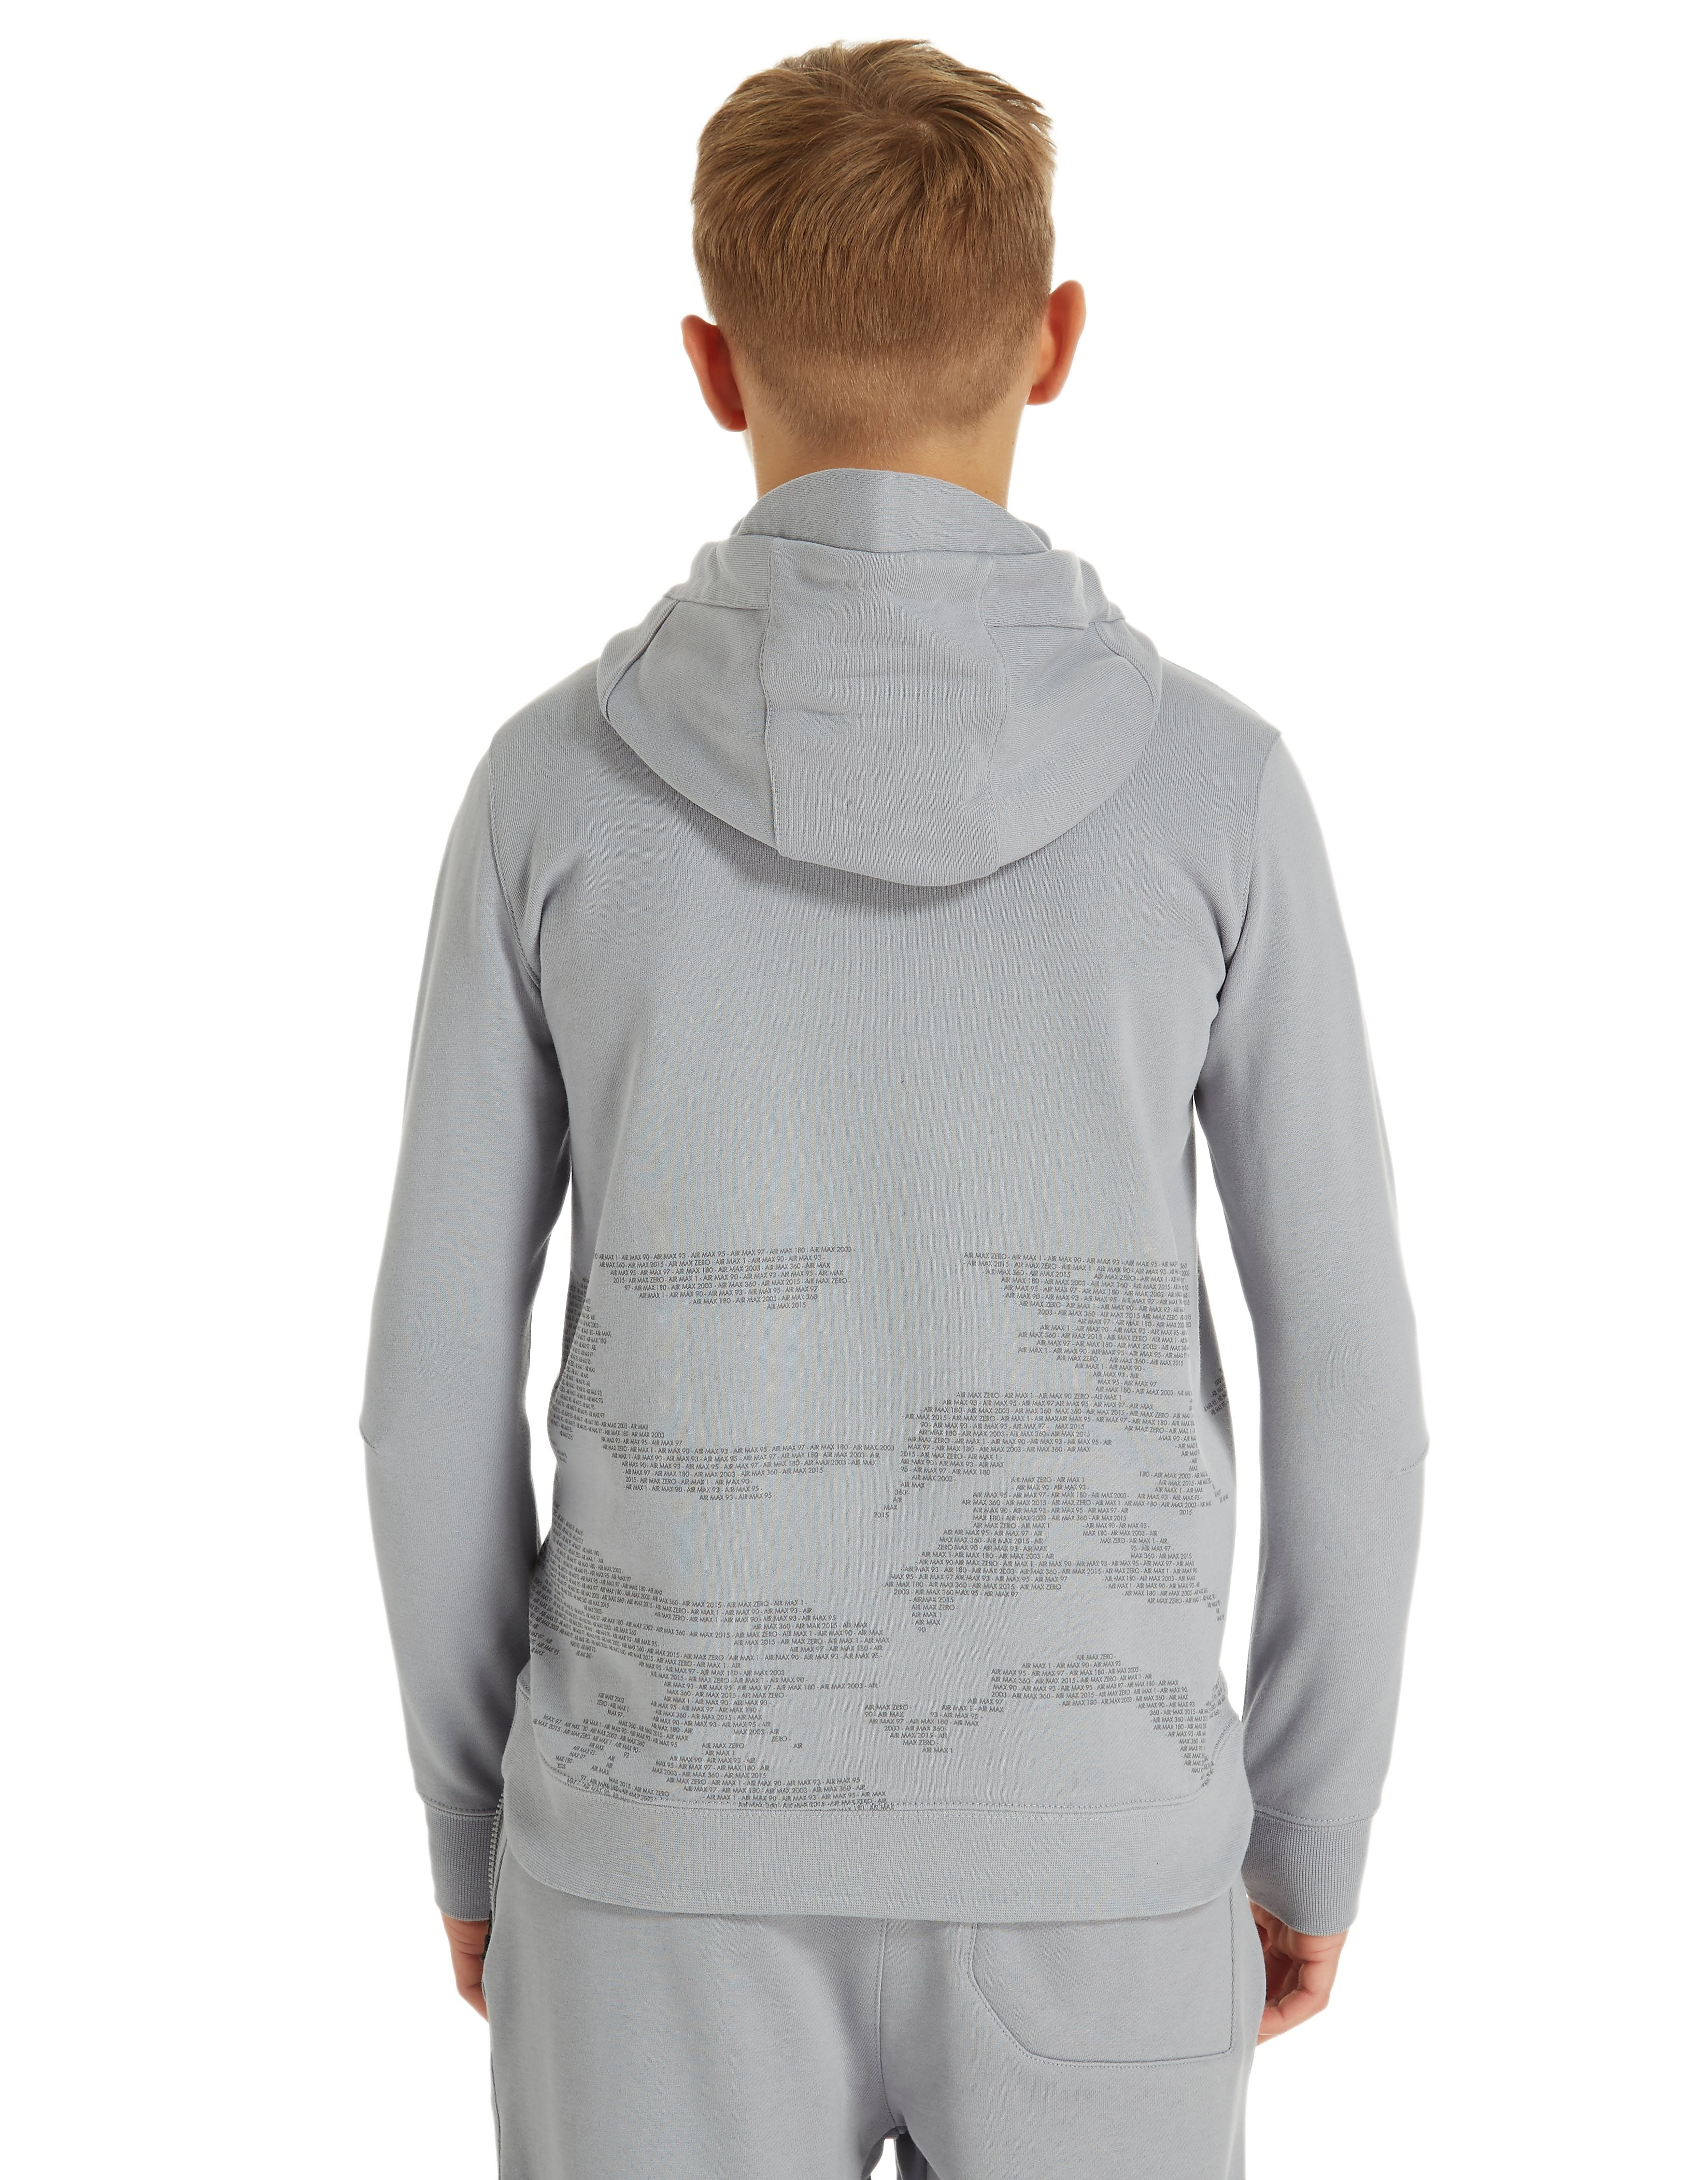 Nike Air Max Full Zip Hoody Junior